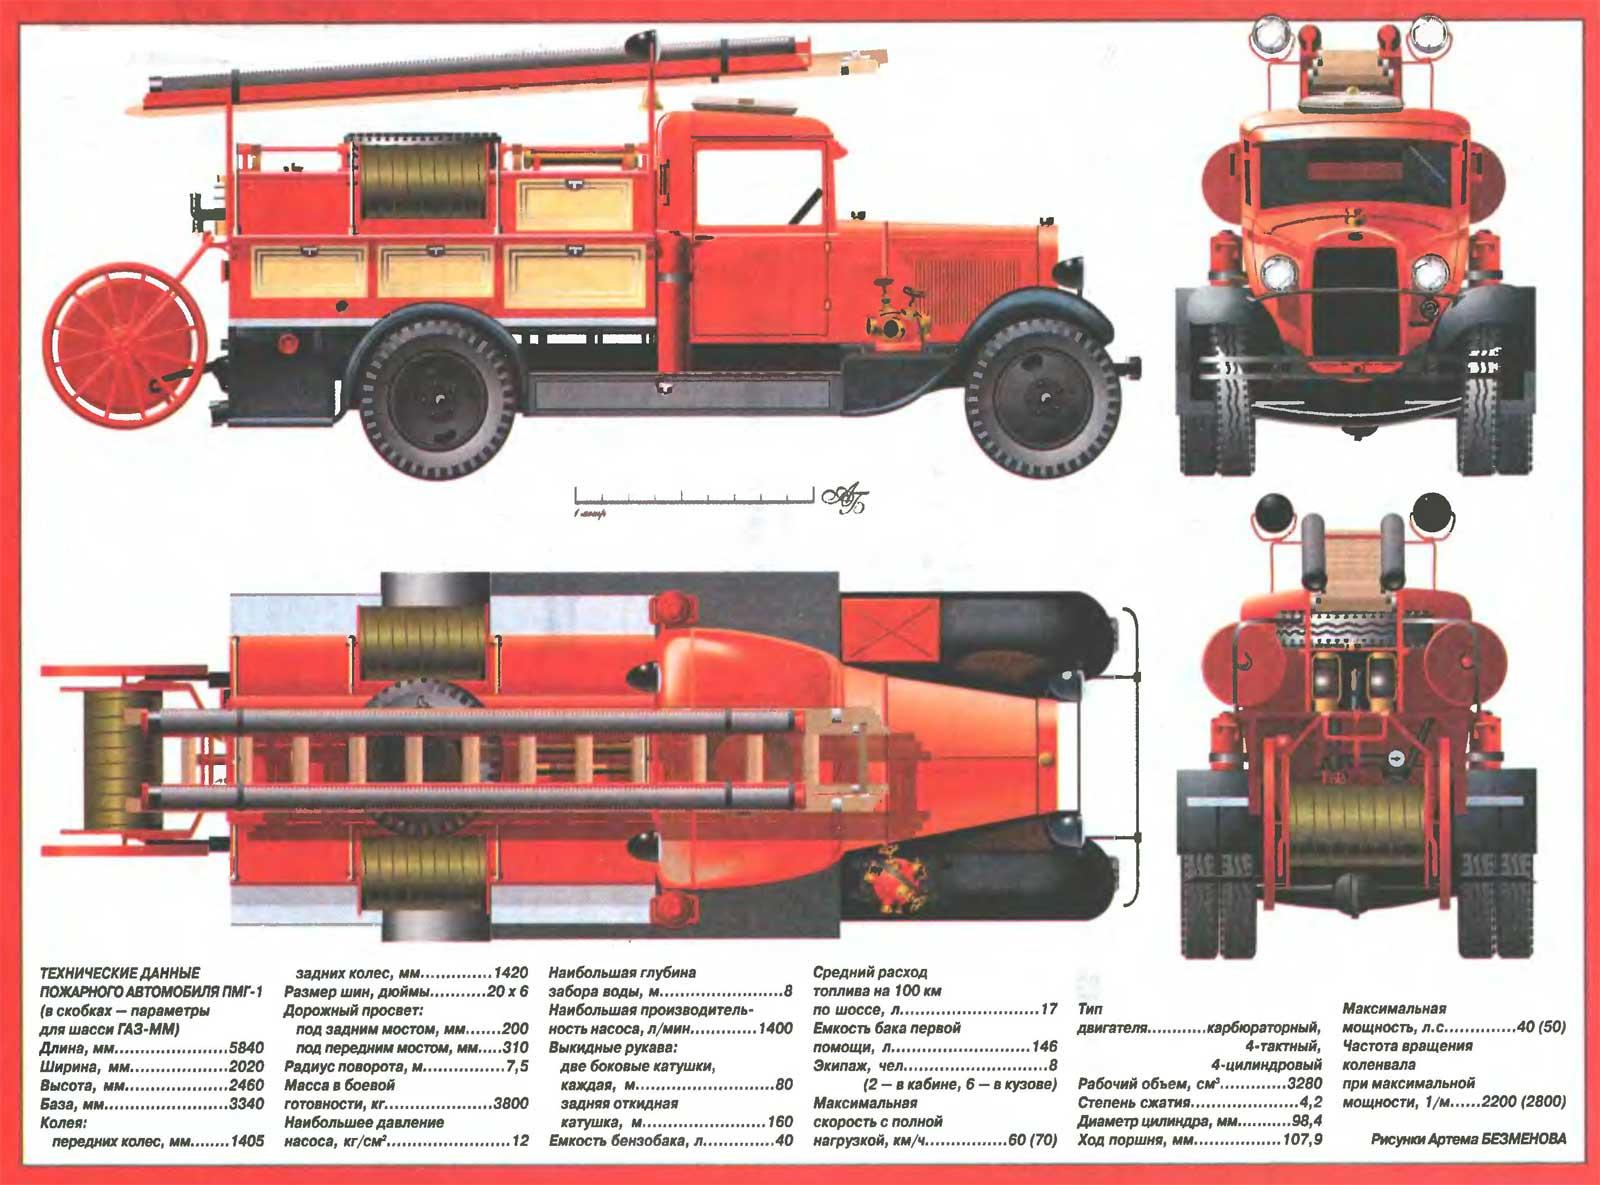 Пожарный автомобиль пмг 1 россия 1930 40